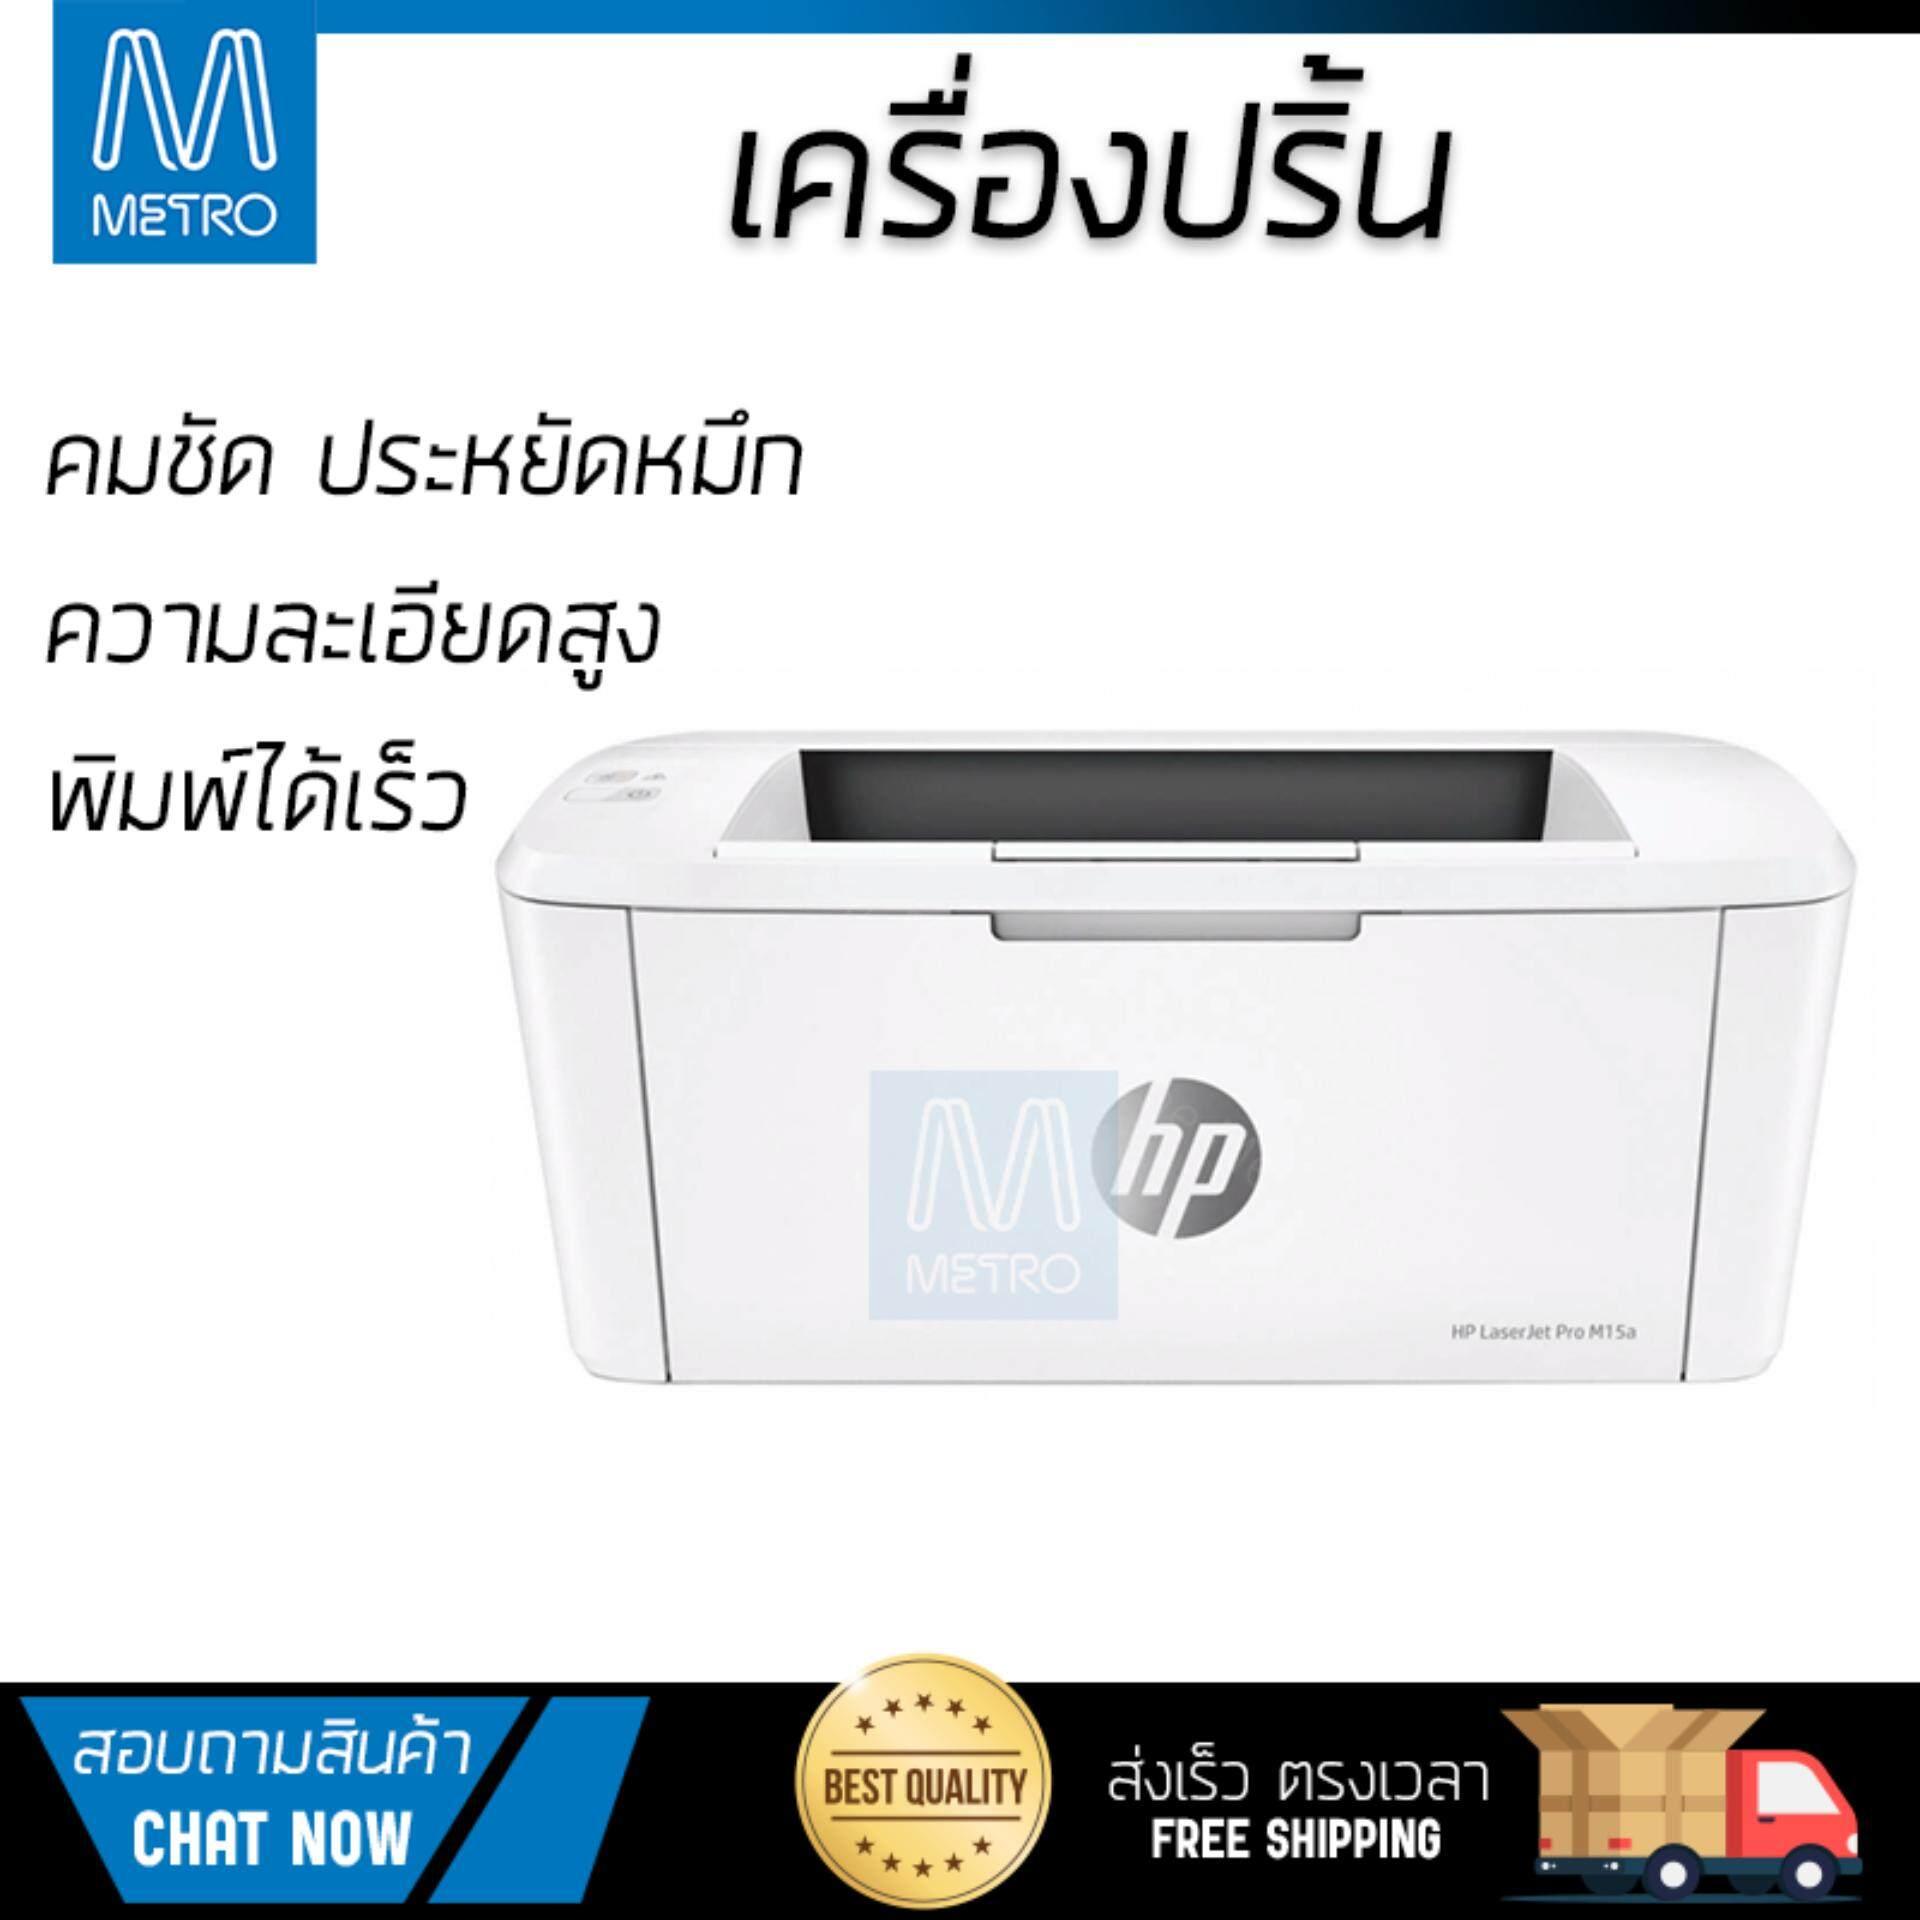 โปรโมชัน เครื่องพิมพ์เลเซอร์           HP ปริ้นเตอร์ เลเซอร์ รุ่น Pro M15A             ความละเอียดสูง คมชัด พิมพ์ได้รวดเร็ว เครื่องปริ้น เครื่องปริ้นท์ Laser Printer รับประกันสินค้า 1 ปี จัดส่งฟรี Ke